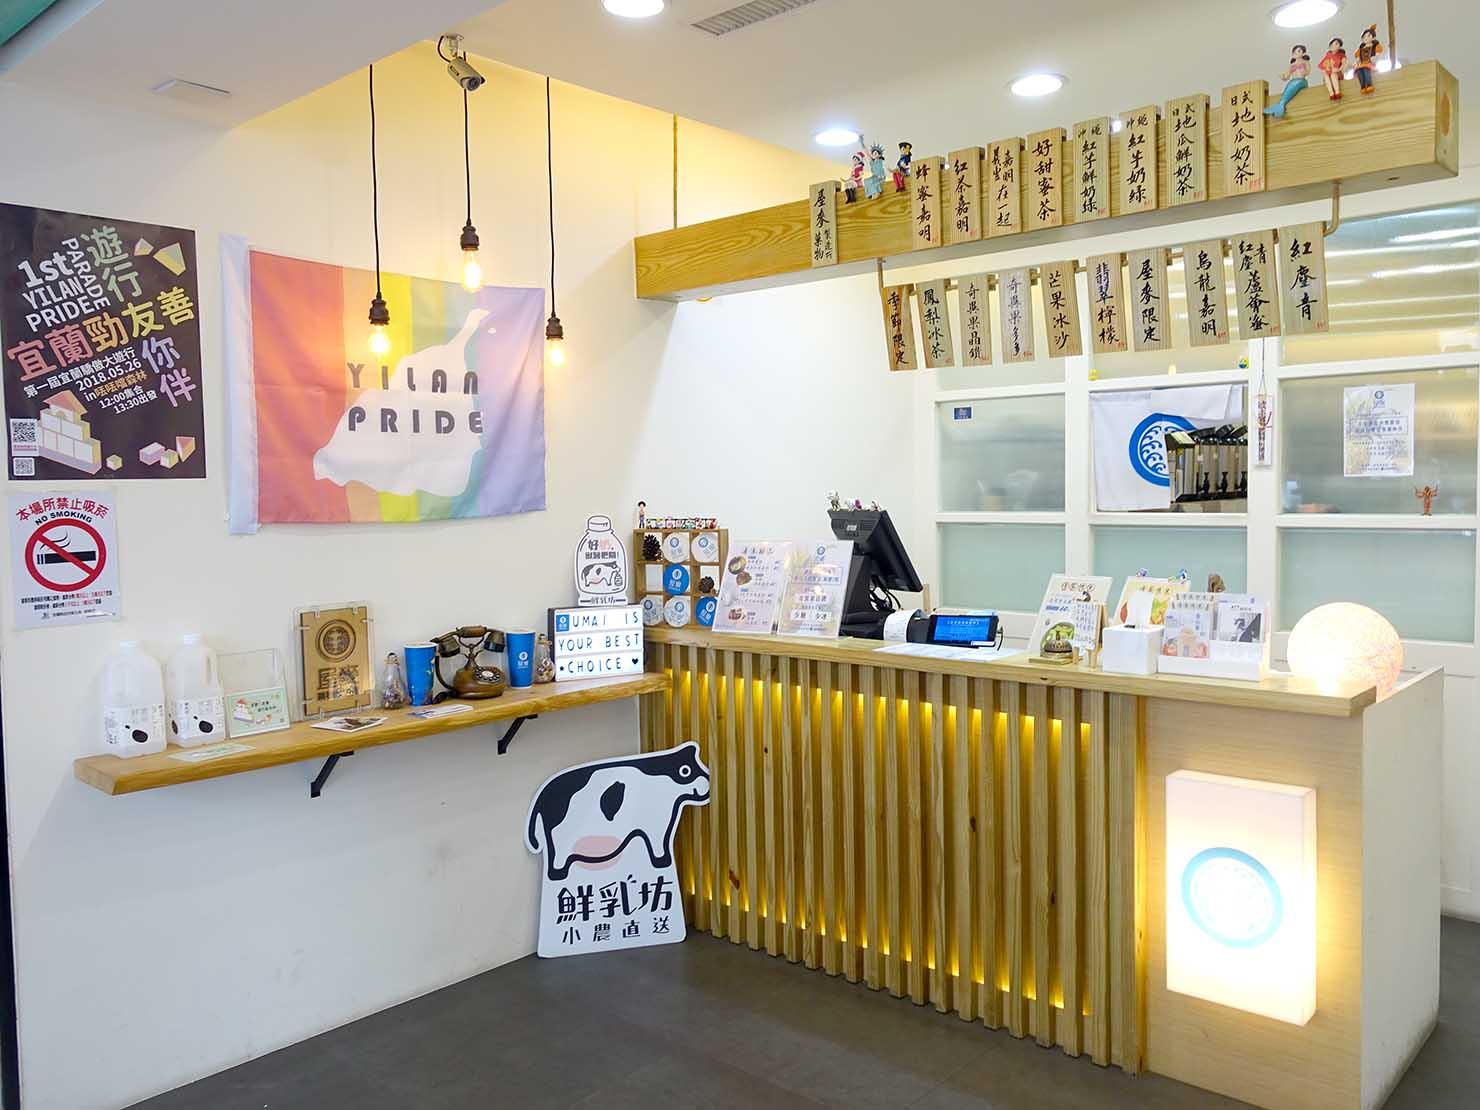 2018年台湾のLGBTプライド「宜蘭驕傲大遊行(宜蘭プライド)」のフラッグを掲げるLGBTフレンドリードリンク店